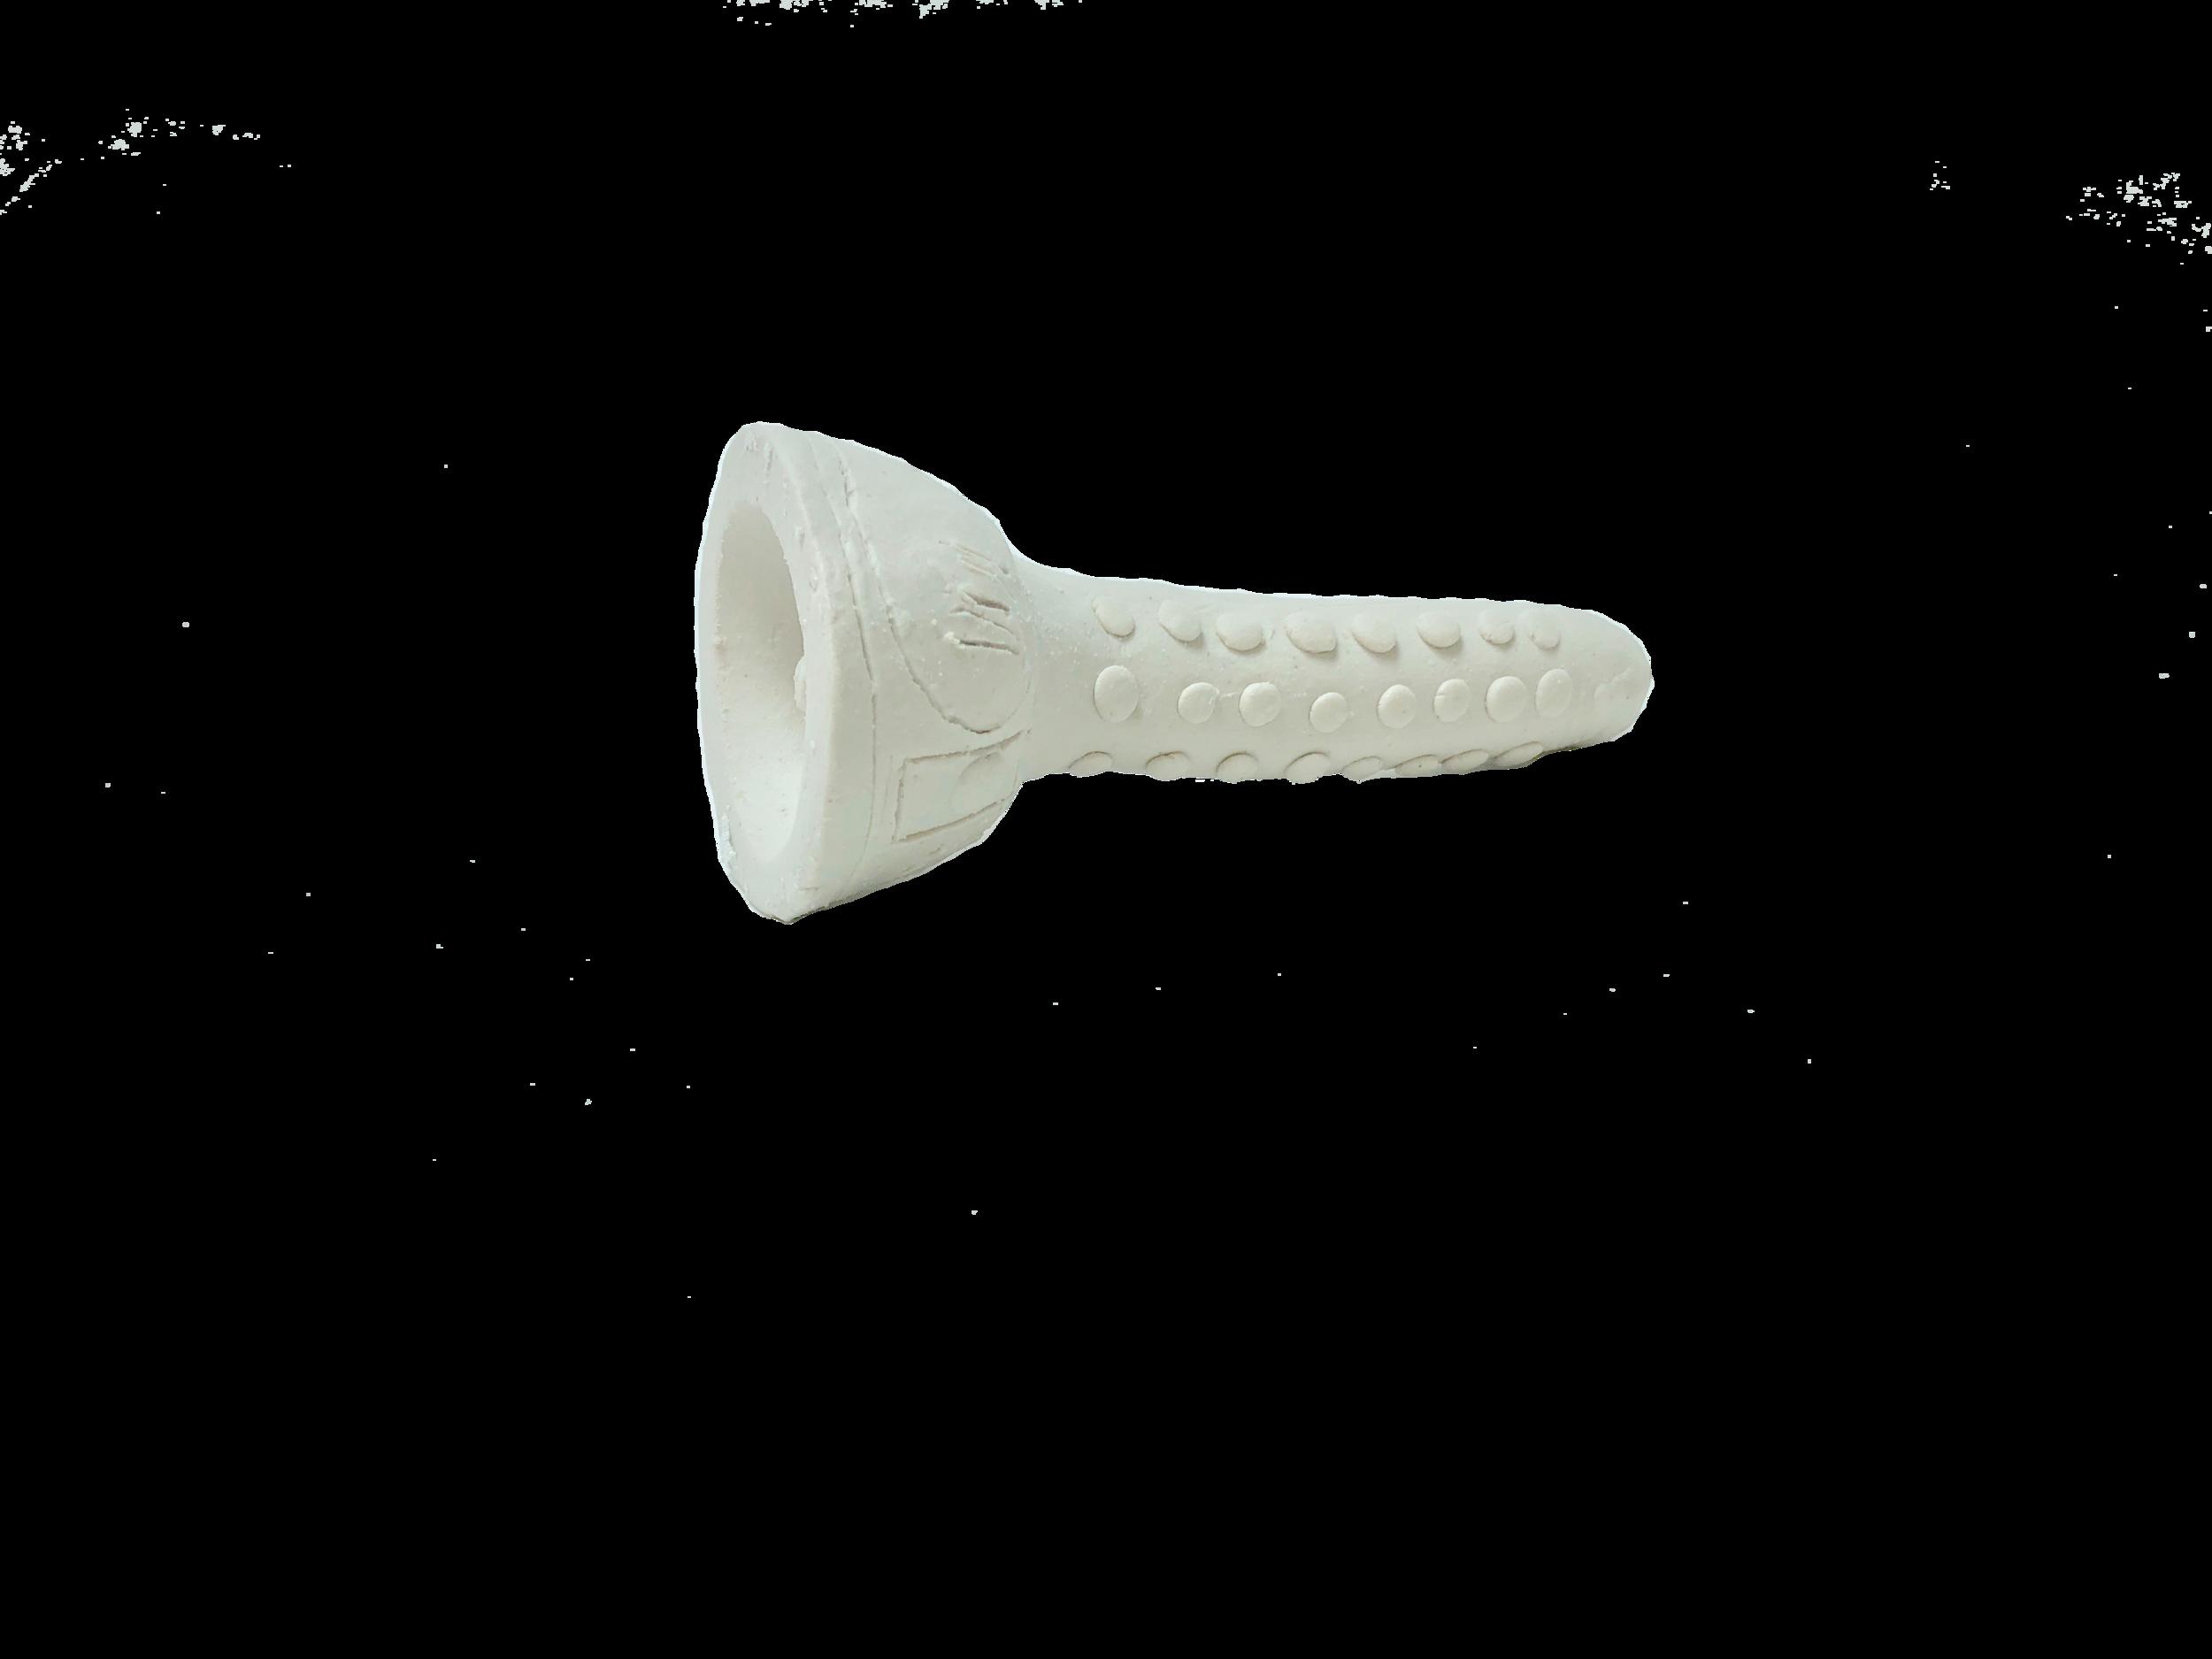 flashlight3_ACLU_4.19.png